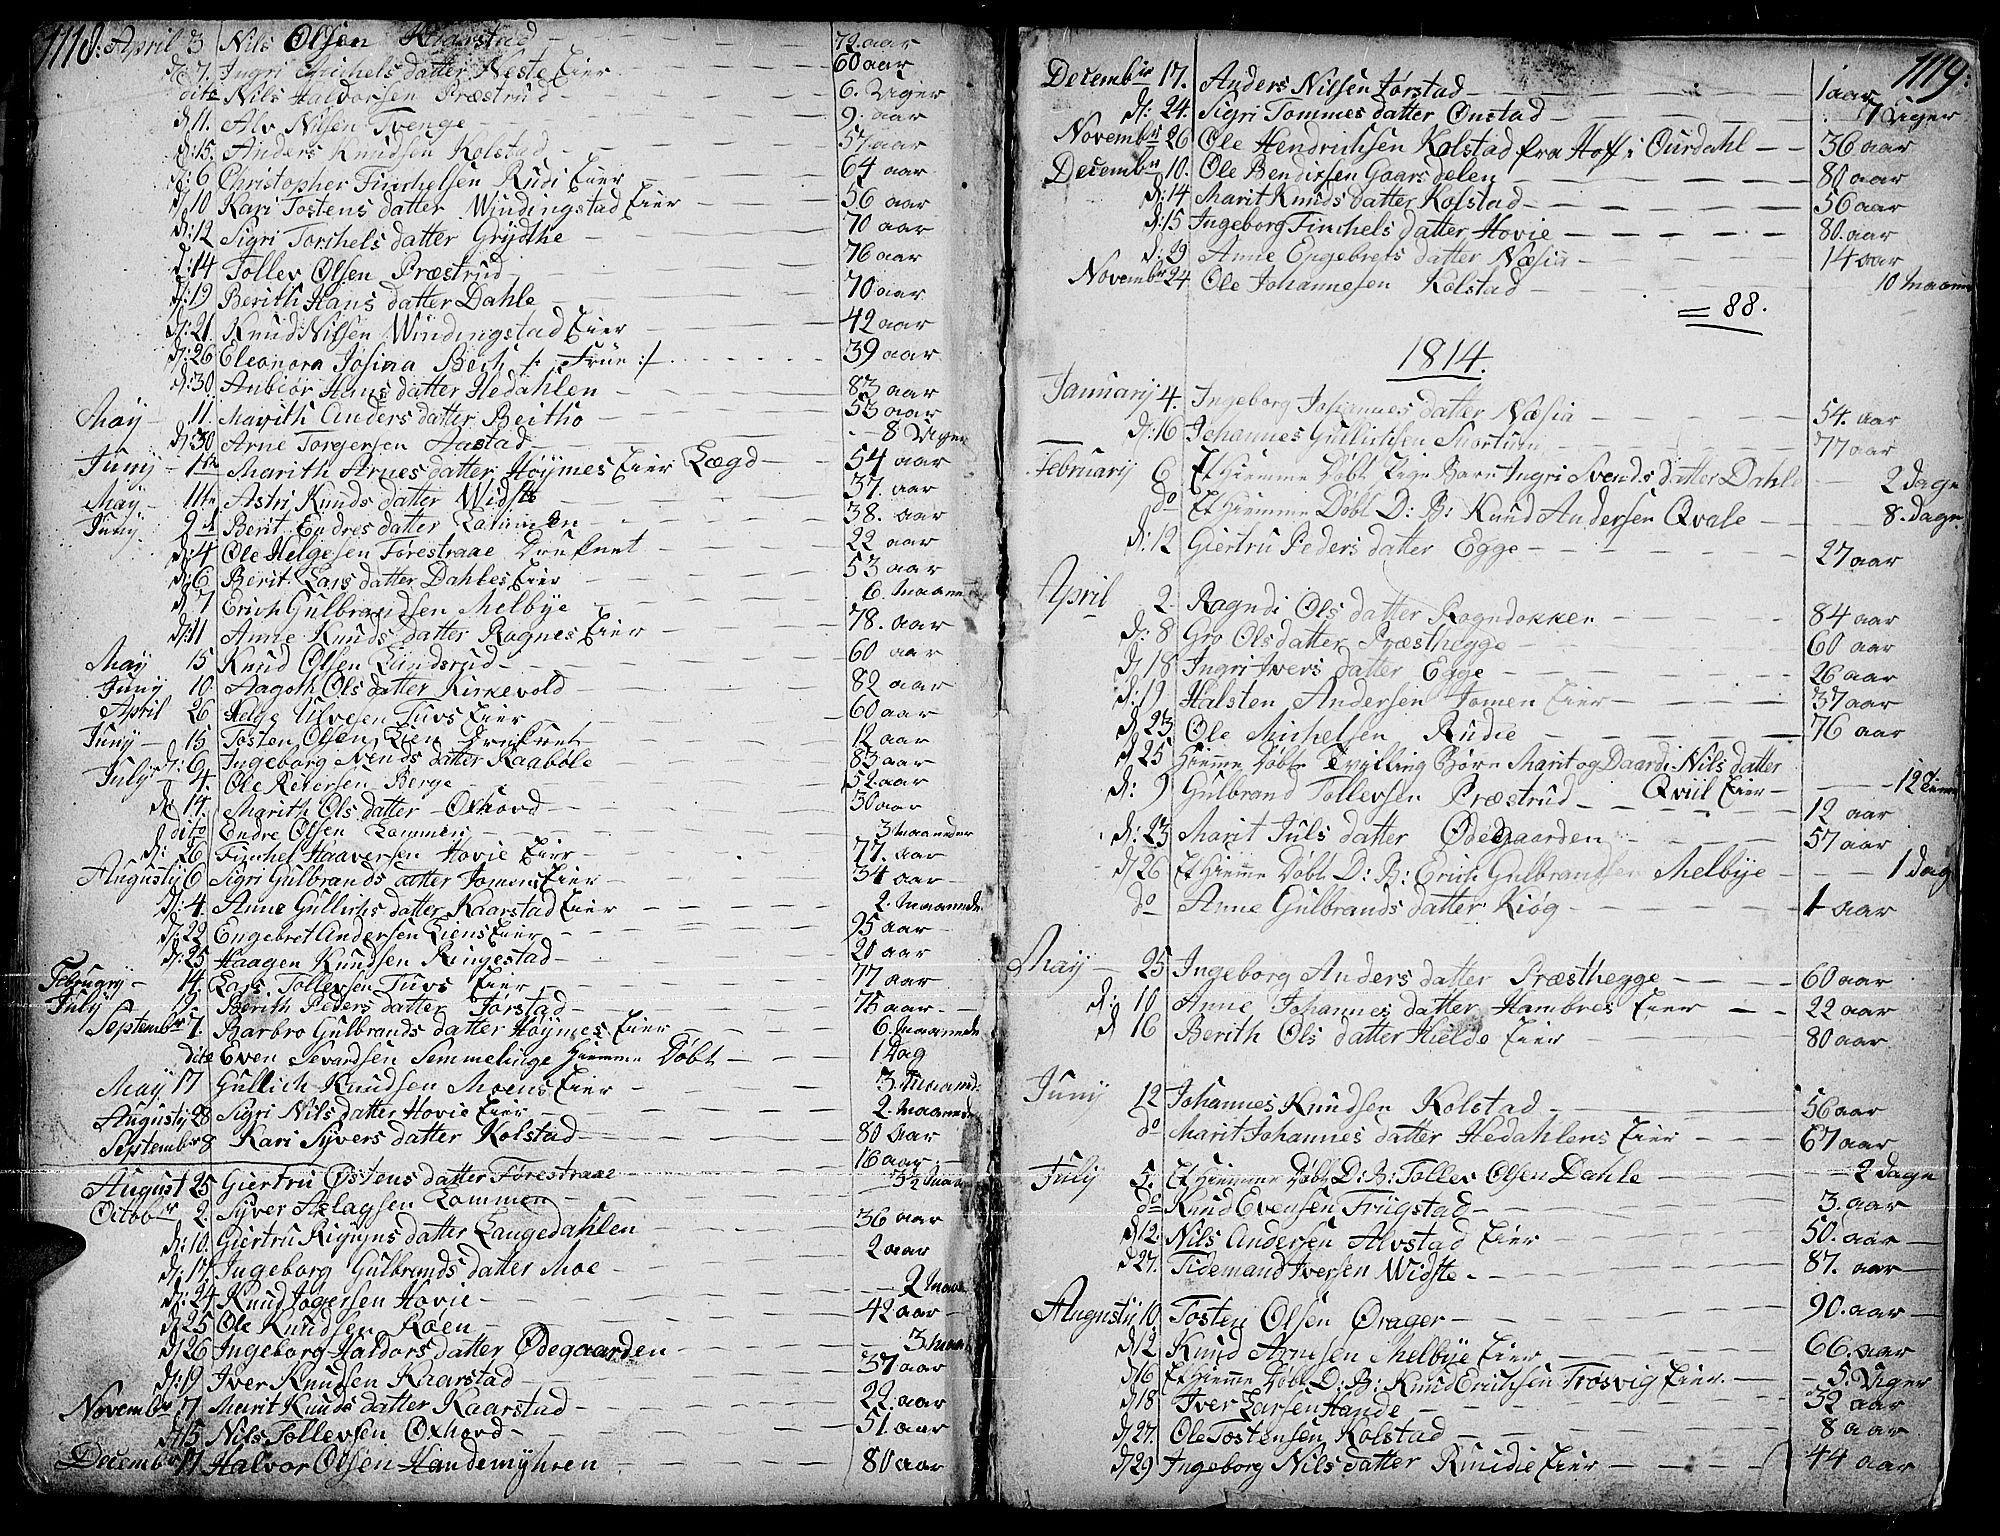 SAH, Slidre prestekontor, Ministerialbok nr. 1, 1724-1814, s. 1118-1119